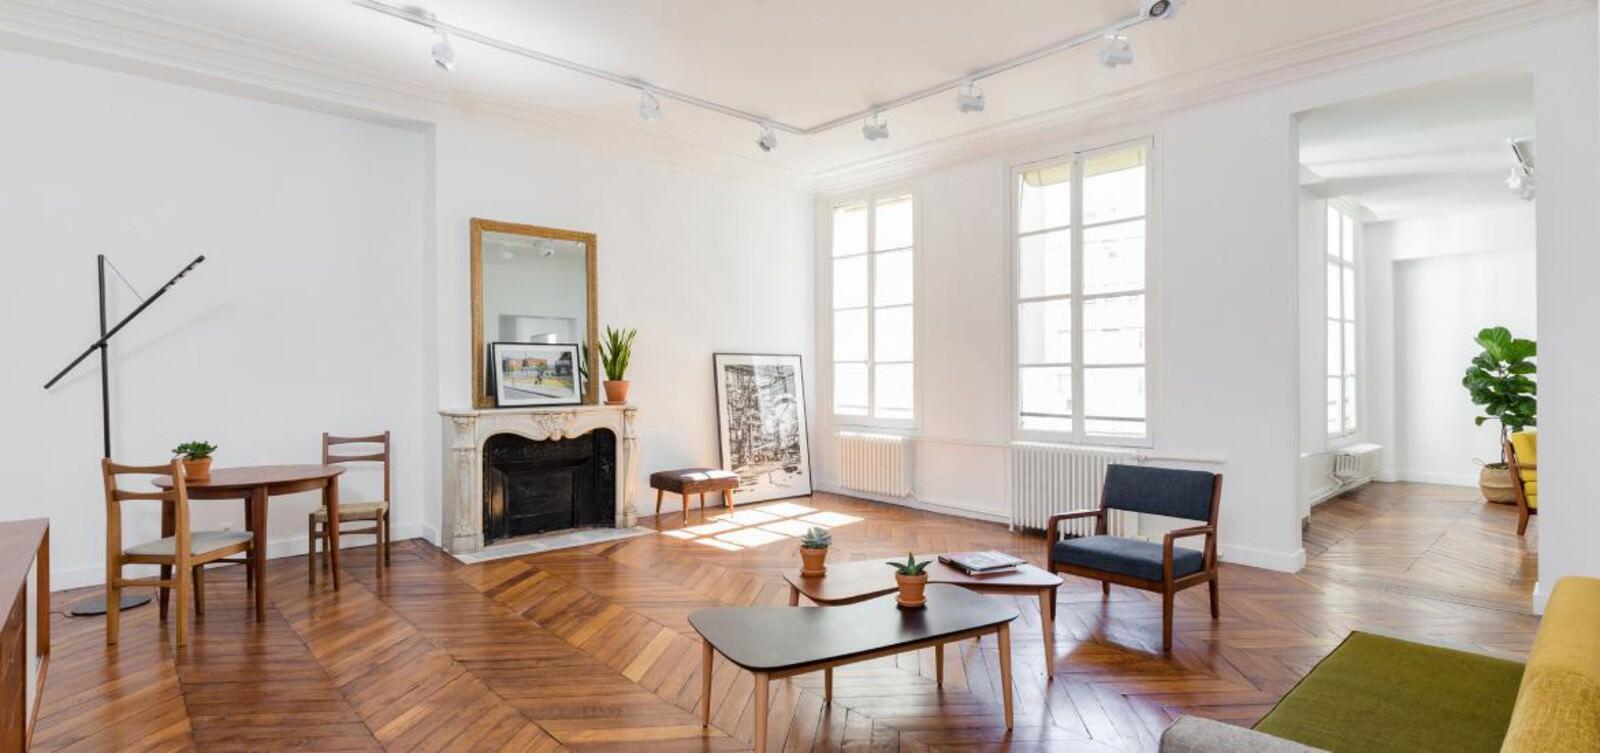 К 2022-му году налог на«первое»жилье должен быть отменен для всех арендаторов и владельцев жилья во Франции